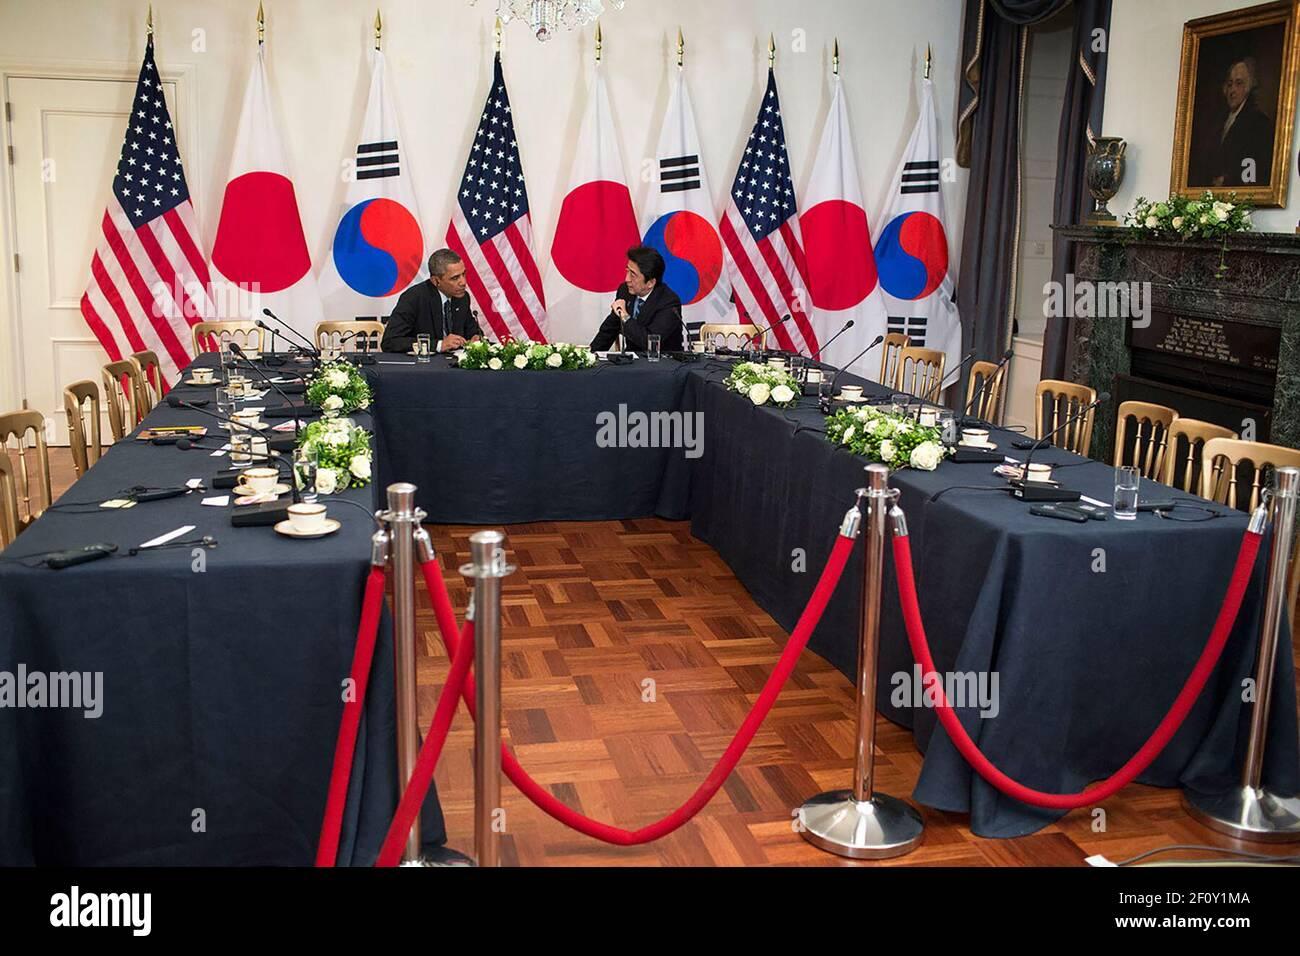 El presidente Barack Obama conversó con el primer ministro Shinzo Abe de Japón en la residencia del embajador de Estados Unidos en la haya, Holanda, el 25 de marzo de 2014 Foto de stock